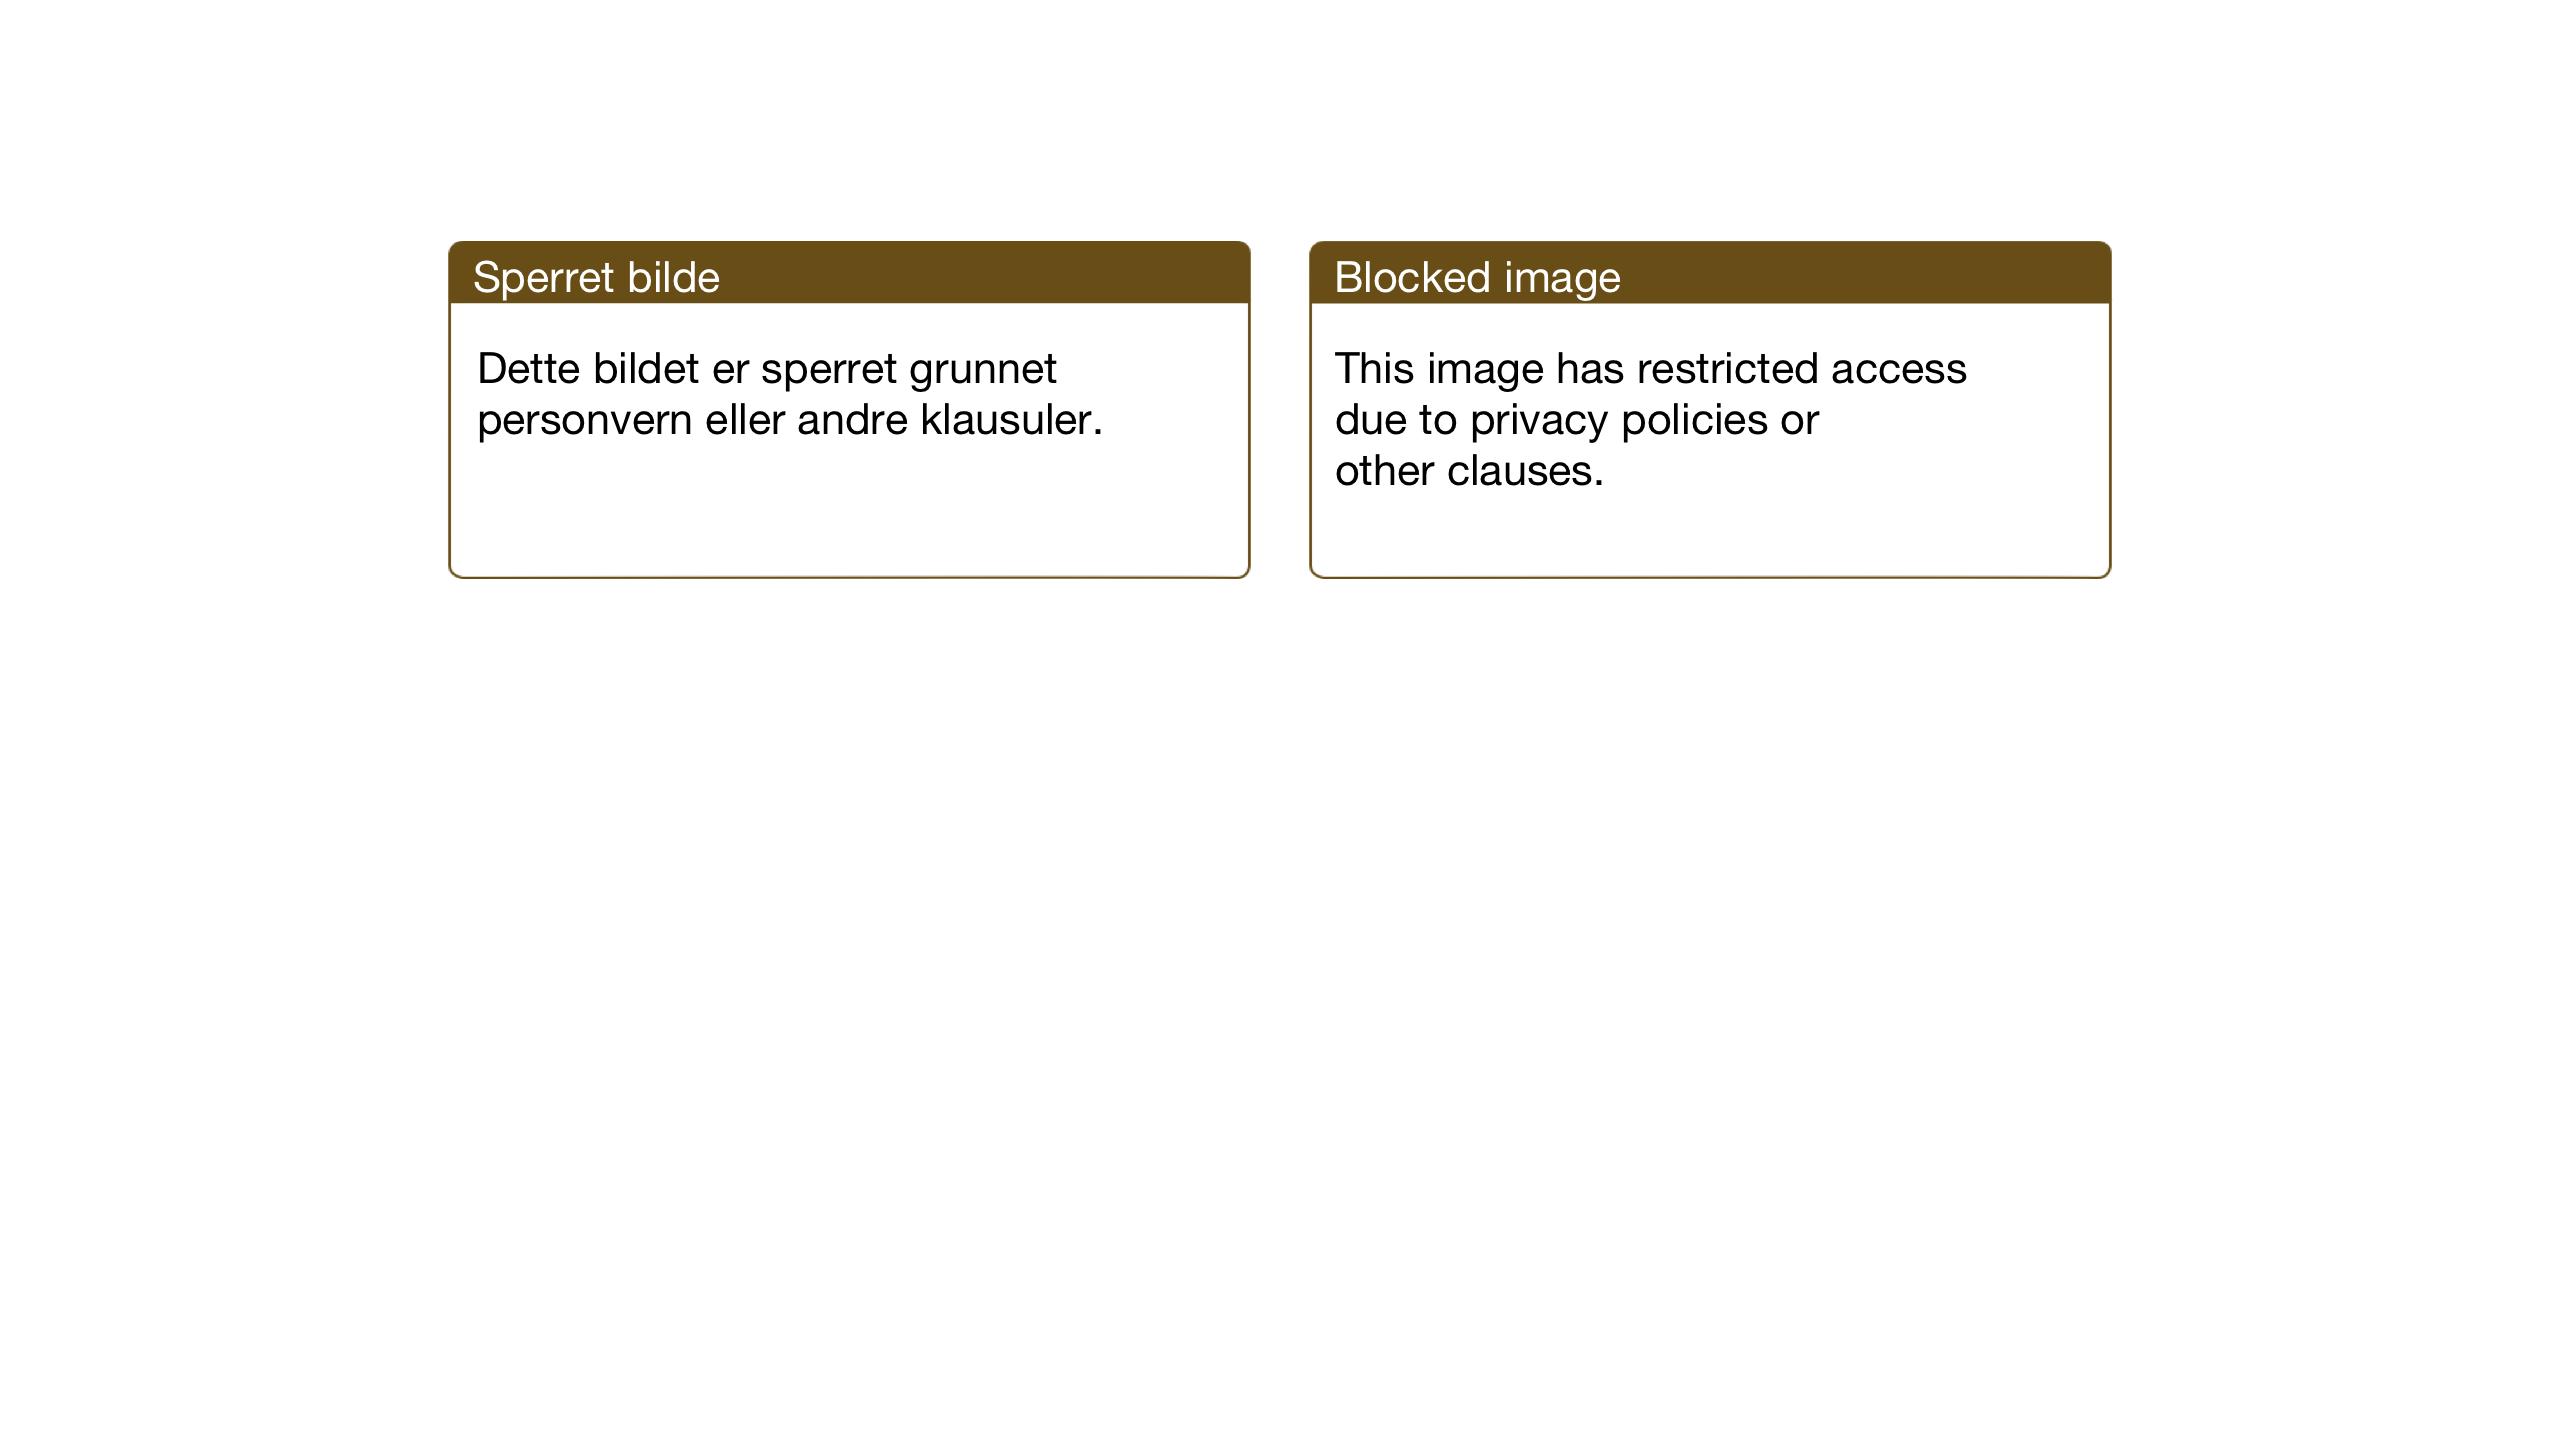 SAT, Ministerialprotokoller, klokkerbøker og fødselsregistre - Nord-Trøndelag, 712/L0104: Klokkerbok nr. 712C02, 1917-1939, s. 51